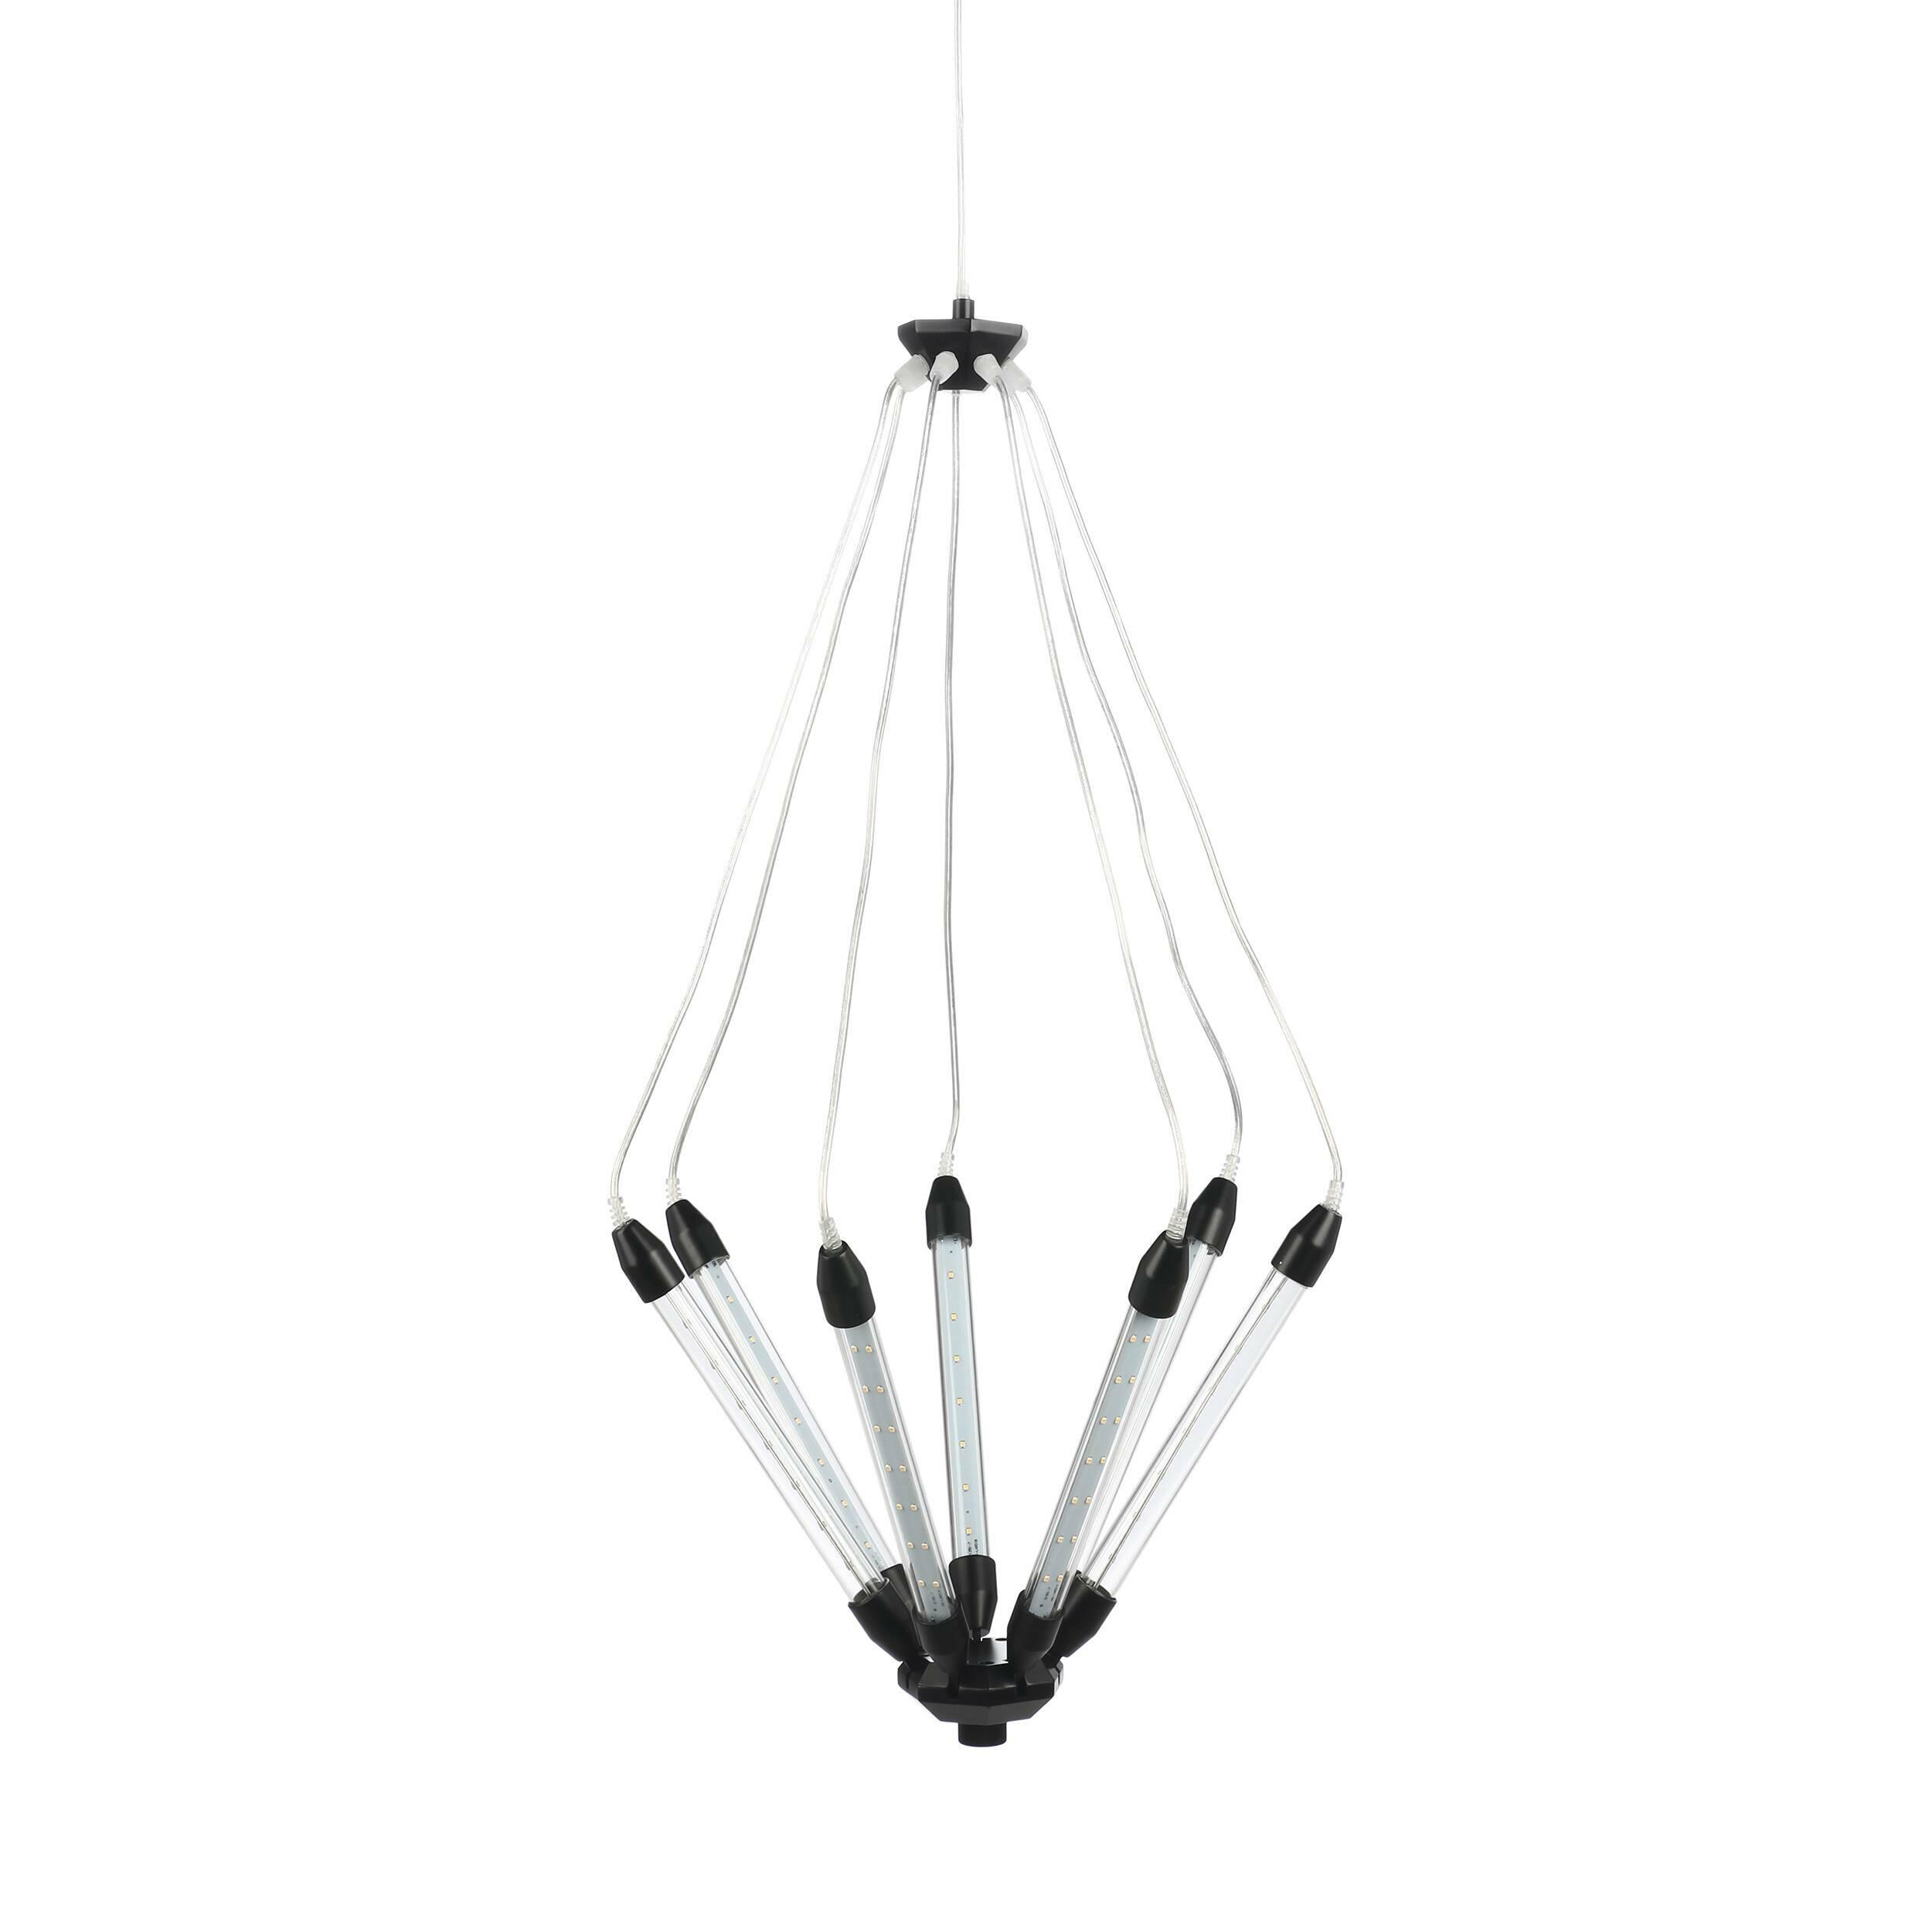 Подвесной светильник KroonПодвесные<br>Подвесной светильник Kroon — это особый дизайн, созданный с любовью к техно-стилю. Семь отдельных трубок со встроенными LED-лампочками объединены в одну конструкцию, которая по необычной задумке дизайнера предполагает подвижность. С помощью подъемного механизма вы с легкостью можете по-разному направлять свет и менять высоту. Это очень удобно в помещениях с невысокими потолками, но не менее удобно и в лофт-квартирах. <br><br><br> Прочный металлический сплав, из которого изготовлена конструкция,...<br><br>stock: 1<br>Высота: 180<br>Диаметр: 55<br>Количество ламп: 7<br>Материал абажура: Стекло<br>Материал арматуры: Металл<br>Мощность лампы: 1<br>Напряжение: 220<br>Тип лампы/цоколь: LED<br>Цвет абажура: Черный